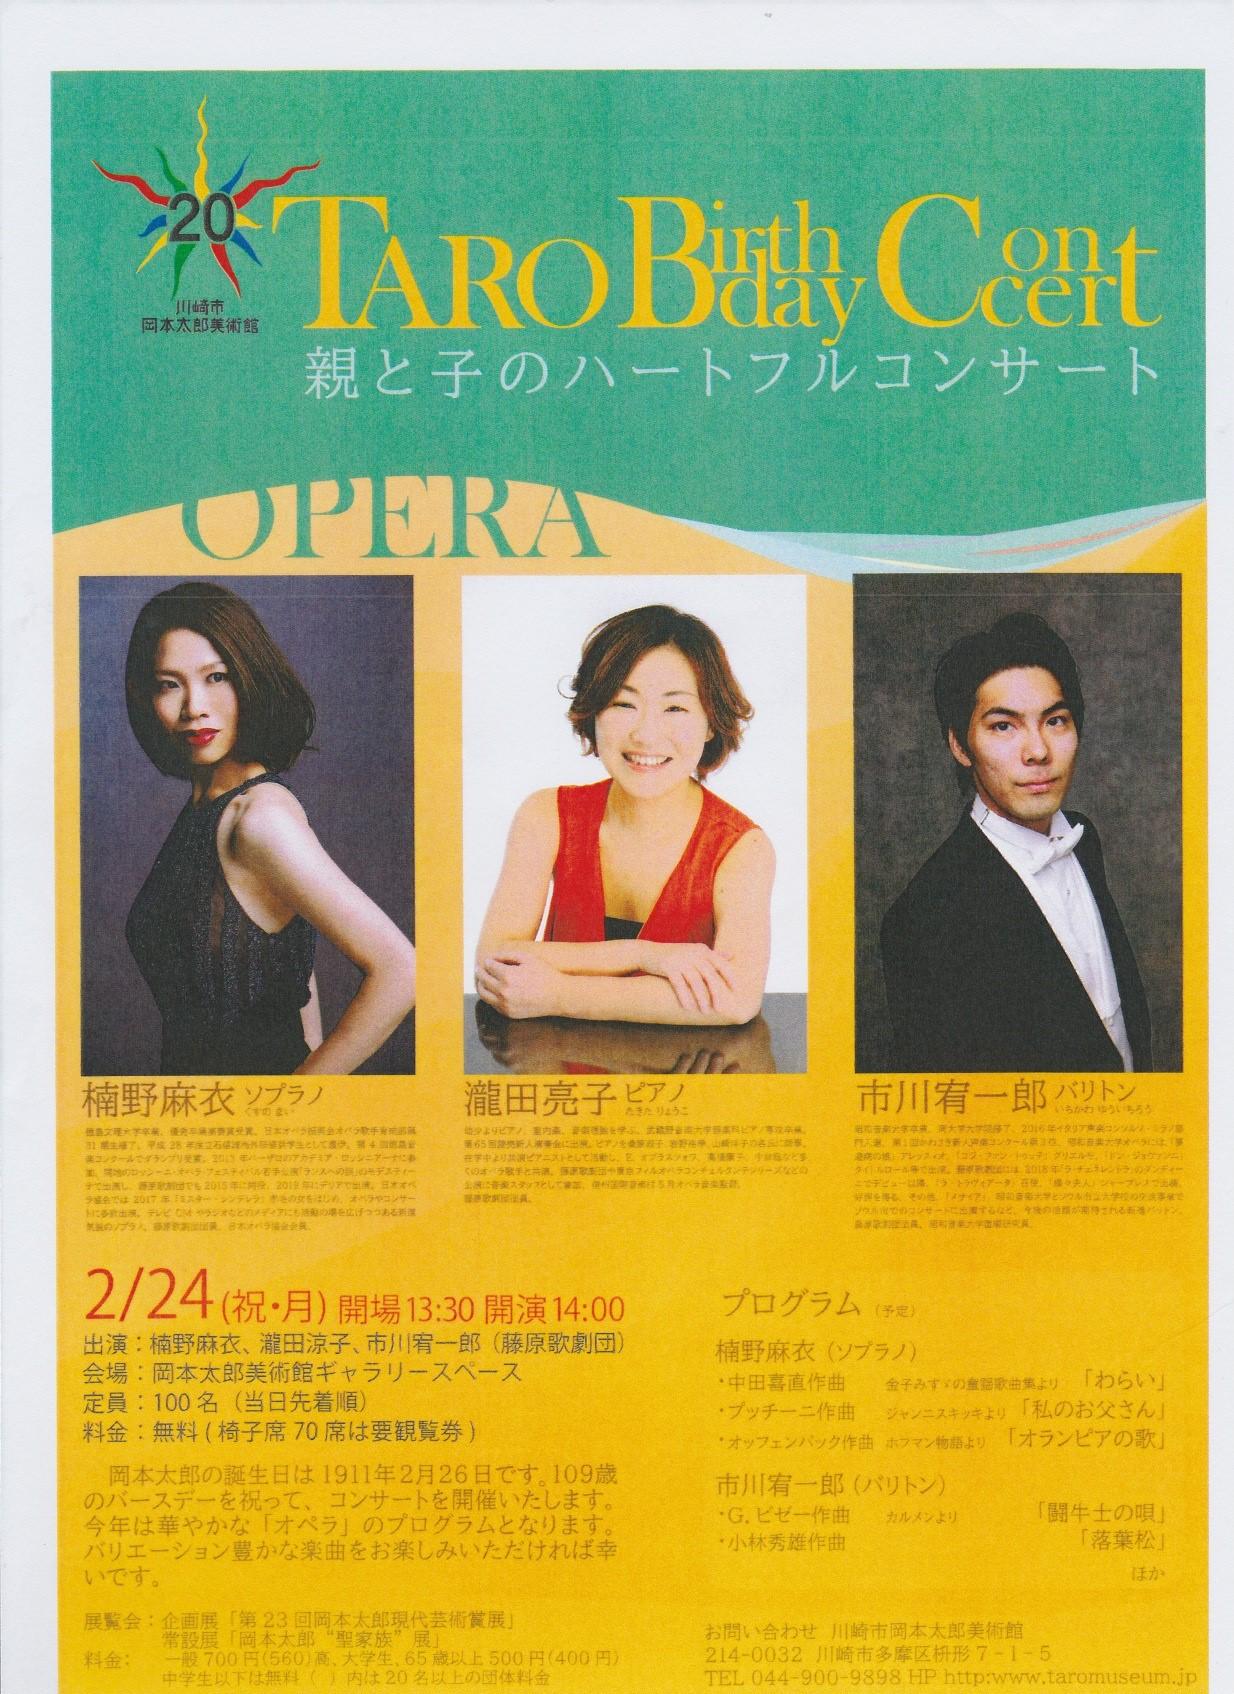 岡本太郎美術館バースデーコンサート「親と子のハートフルコンサート」